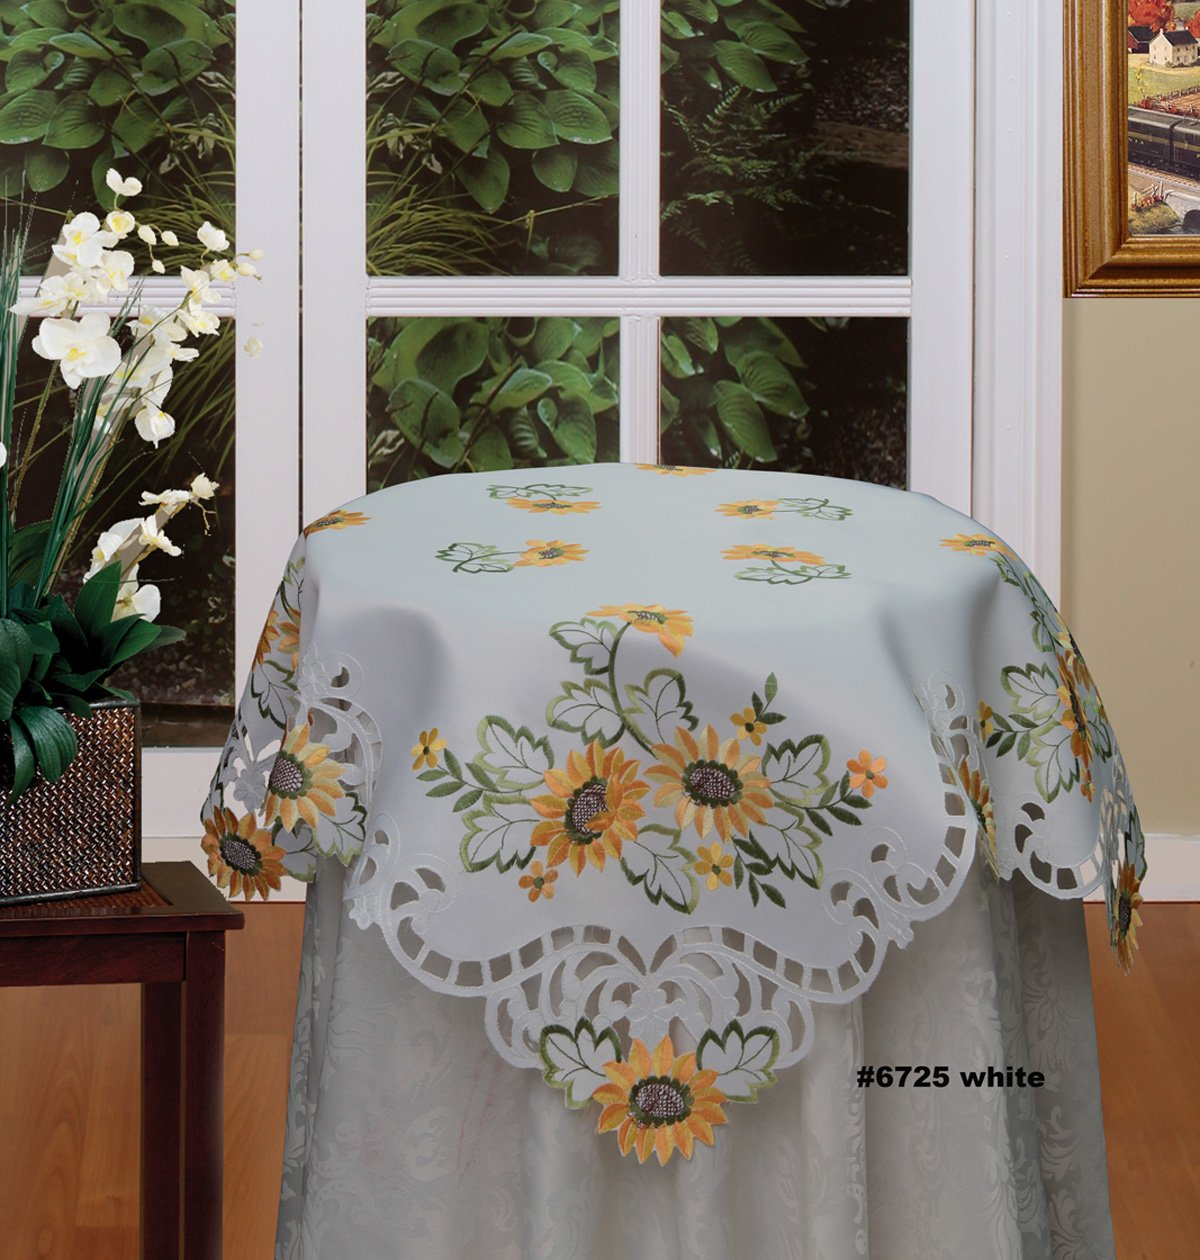 Decorative Sunflower Table Linens, Runner